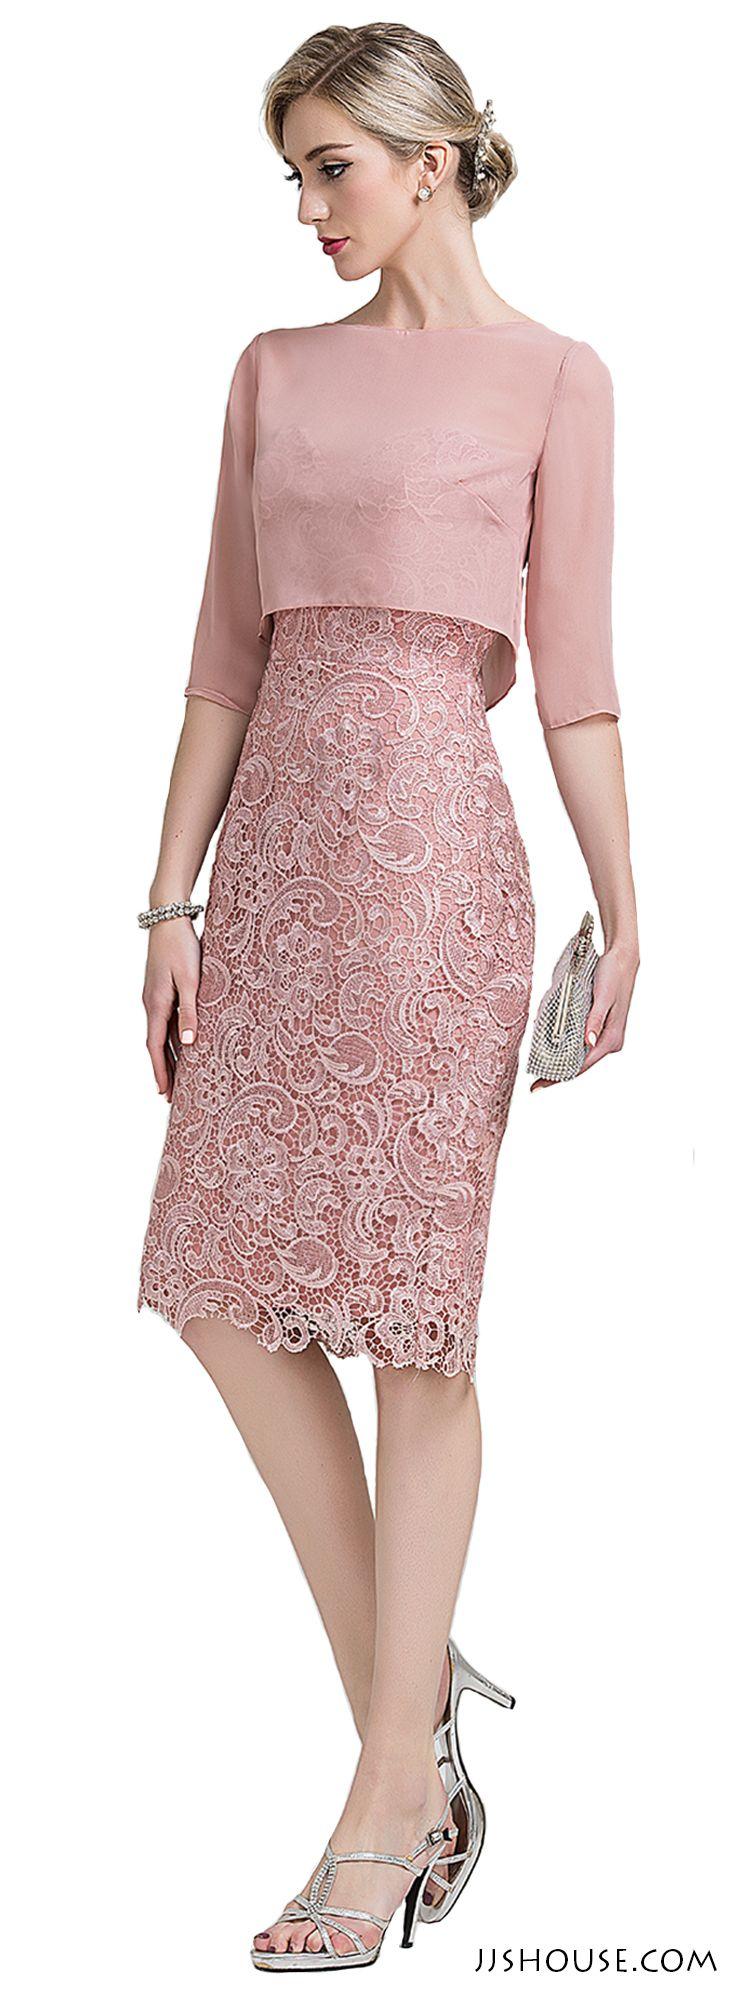 17 Model Vera Kebaya Dress Modern Long Dress Dan Dress Modern Home